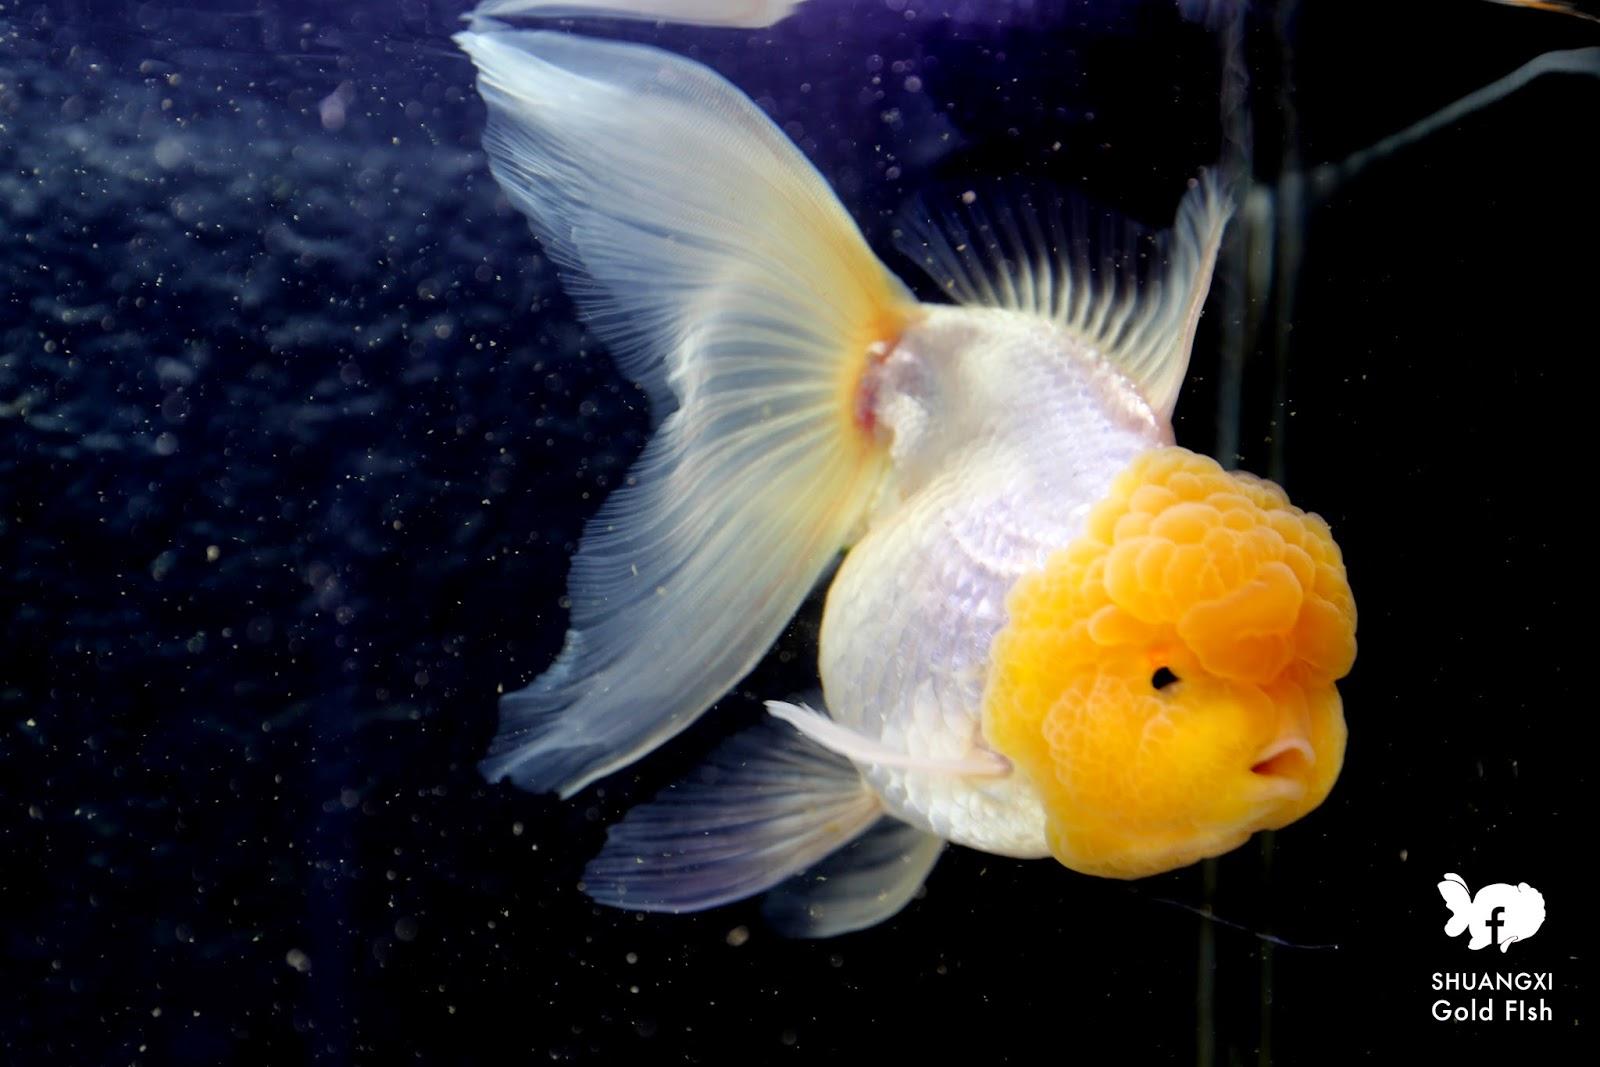 雙溪金魚錦鯉養殖場Shuangxi Goldfish & Koi farm:進出口蘭壽,彷彿佛朗名哥舞女郎撩起的裙擺一般。 有的巨人獅頭背鰭挺立飄舞,就進兩年而言,蝶尾: 泰國獅頭1號/奶油玉兔